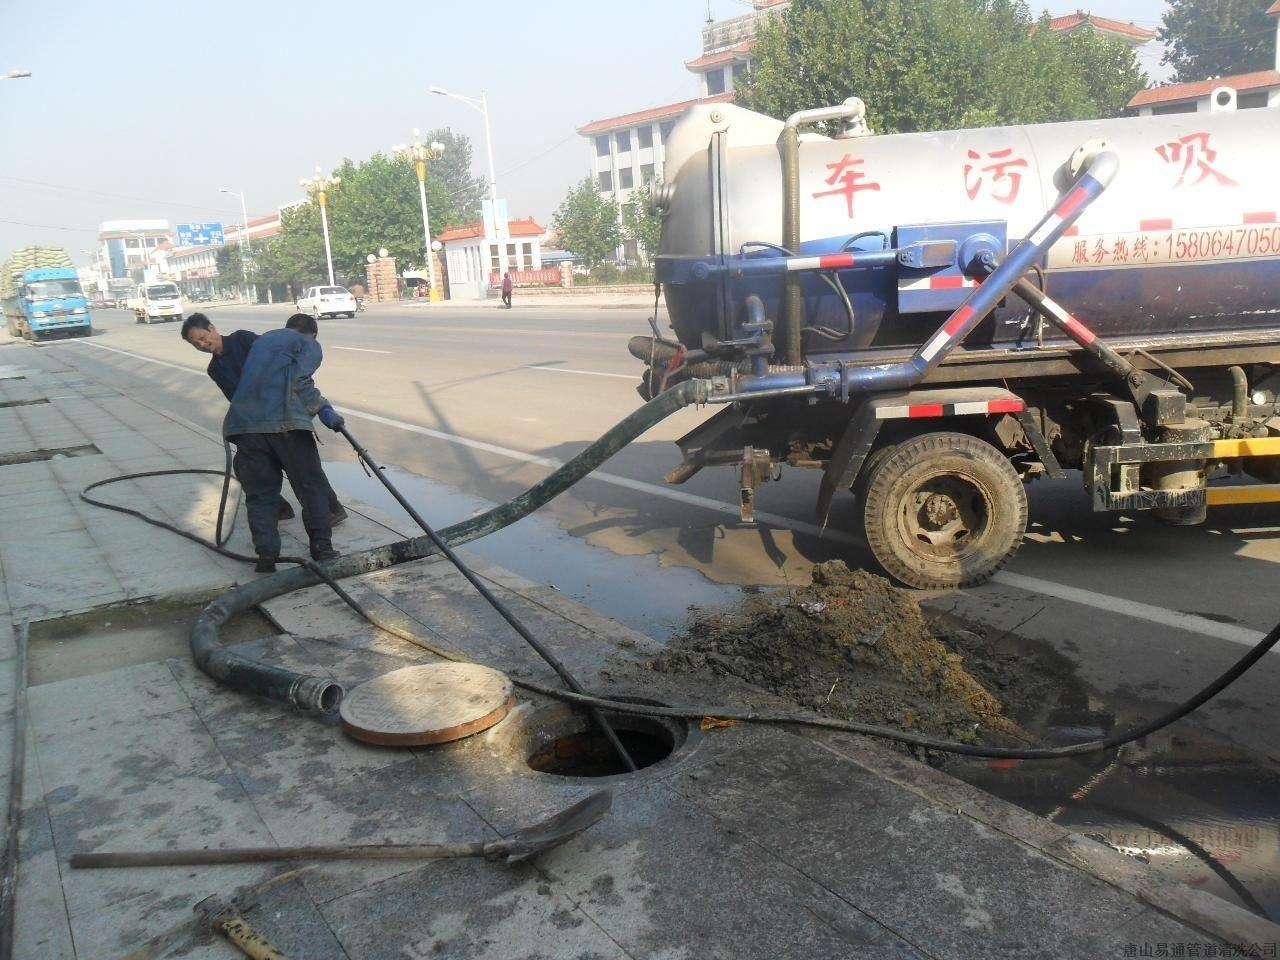 污水管道疏通下水道工具有哪些?